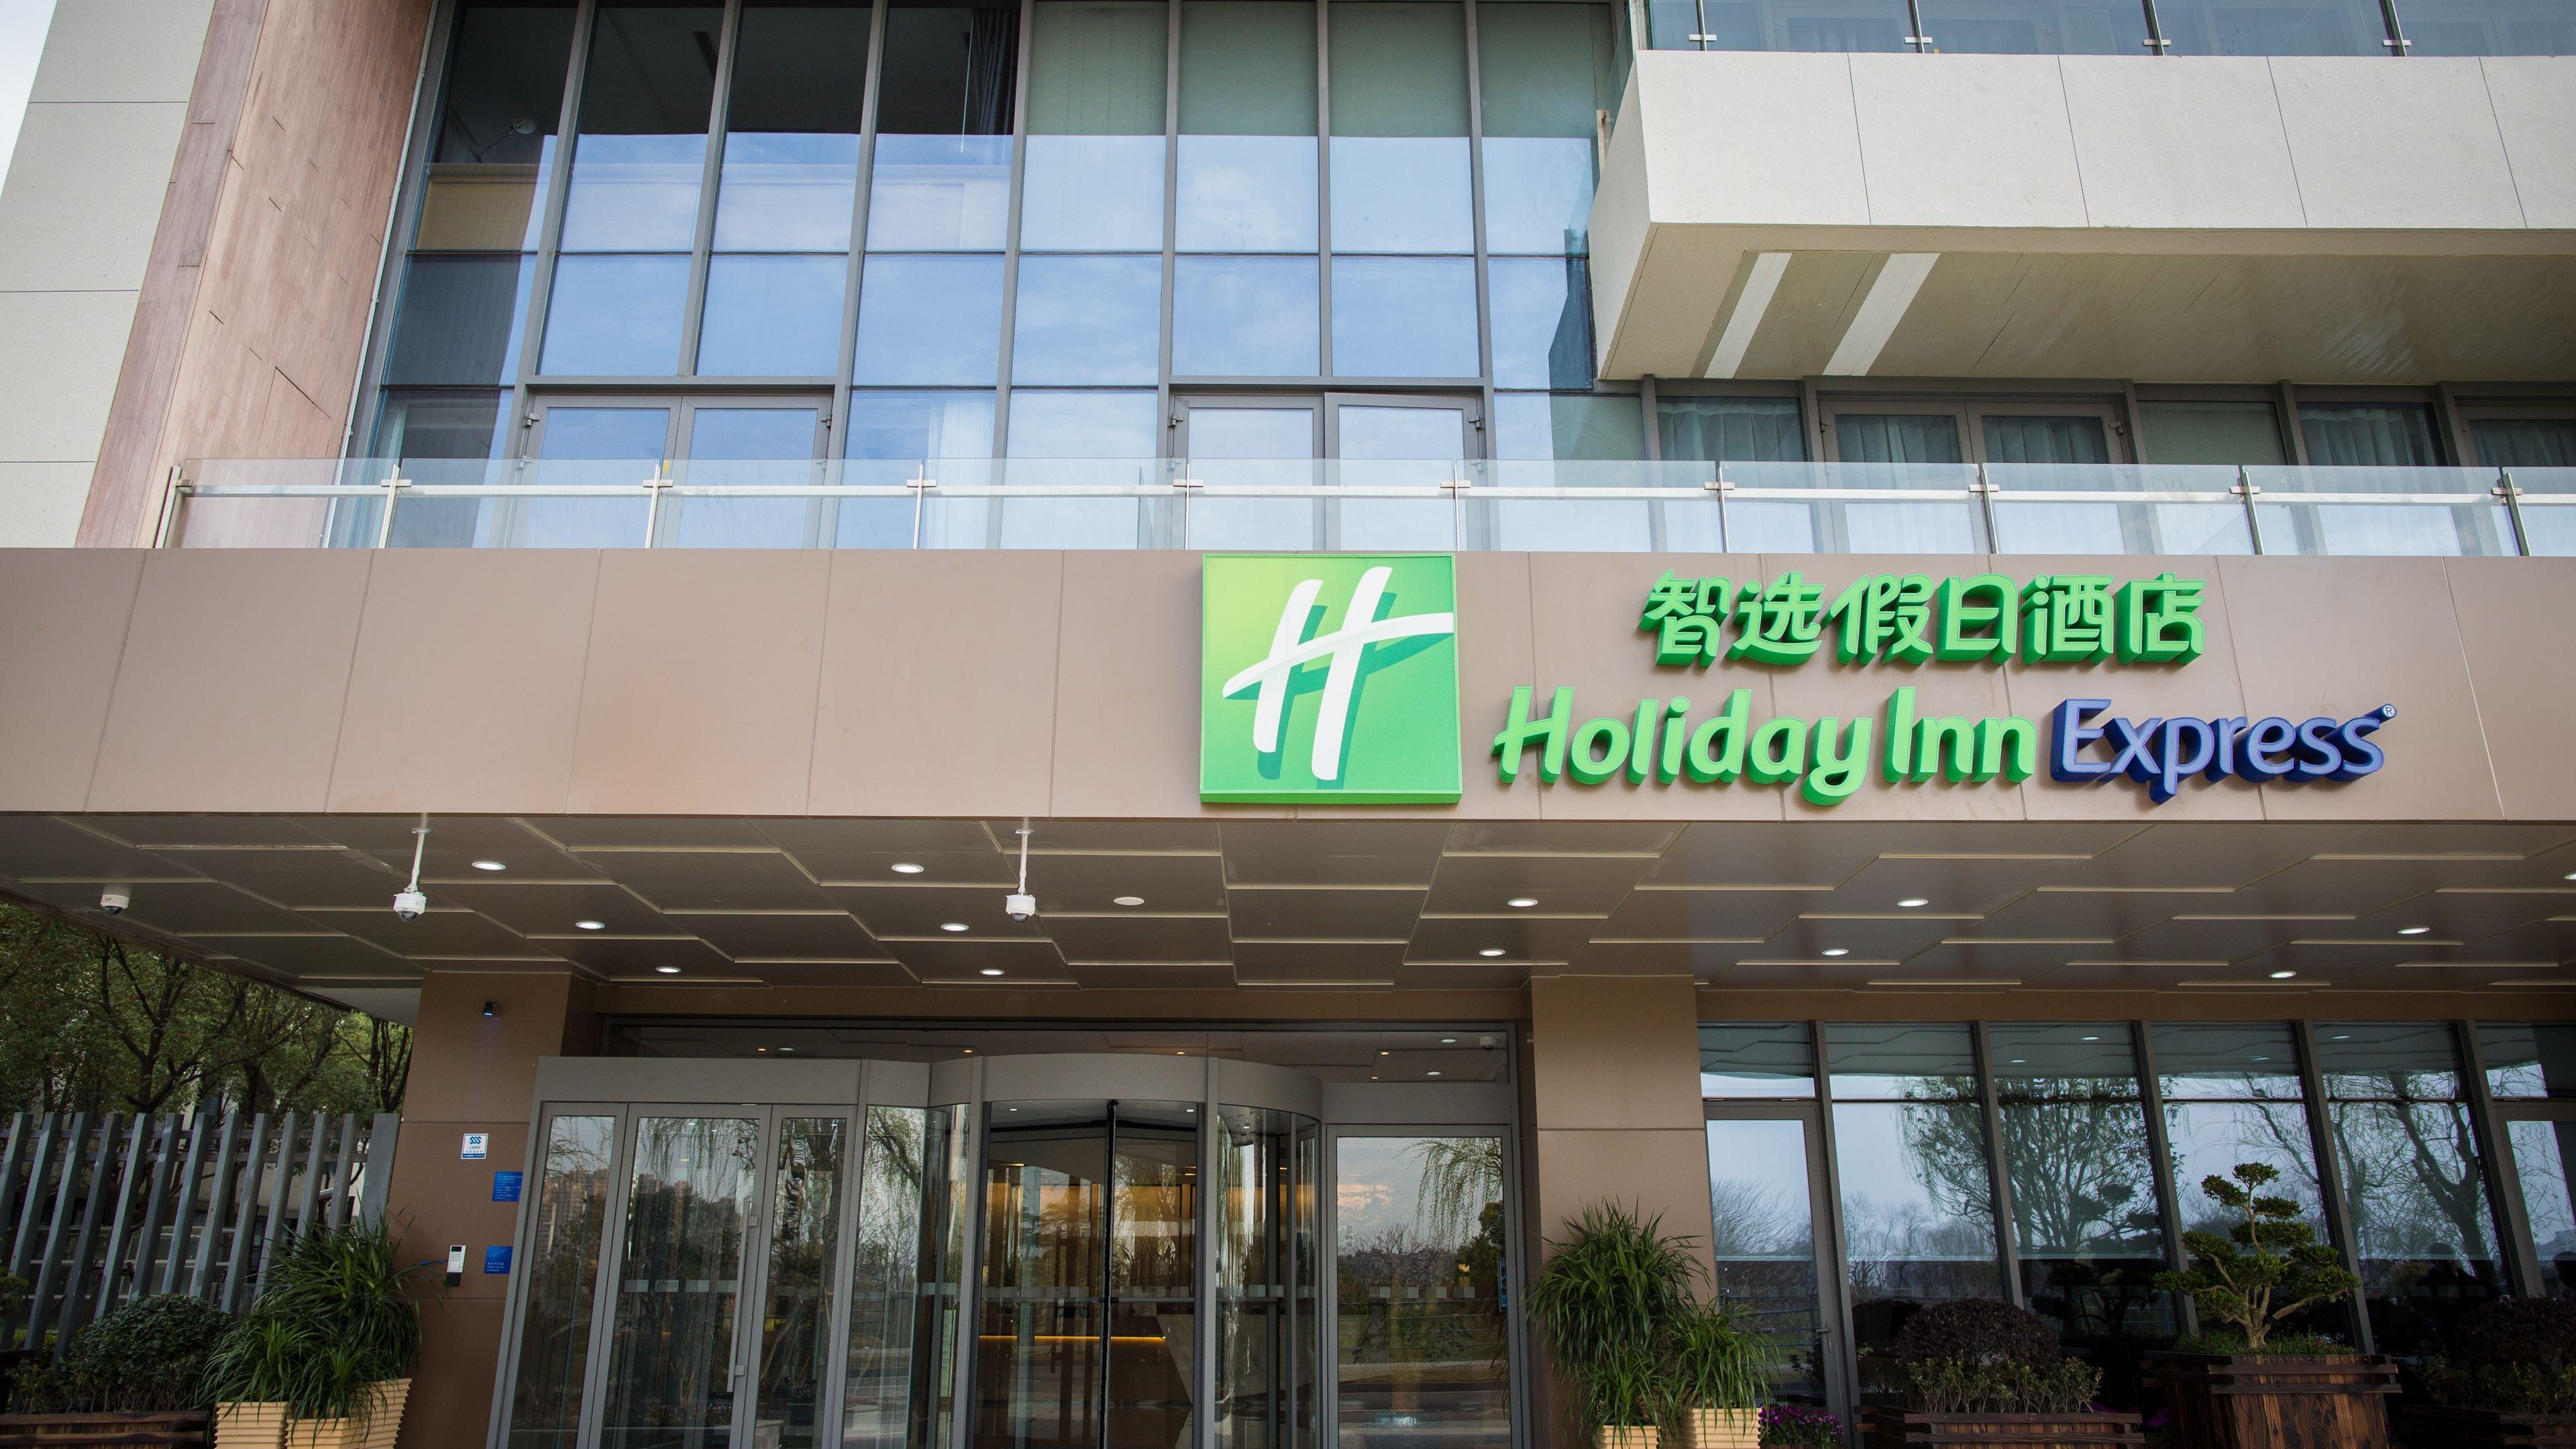 Holiday Inn Express Shanghai Pujiang